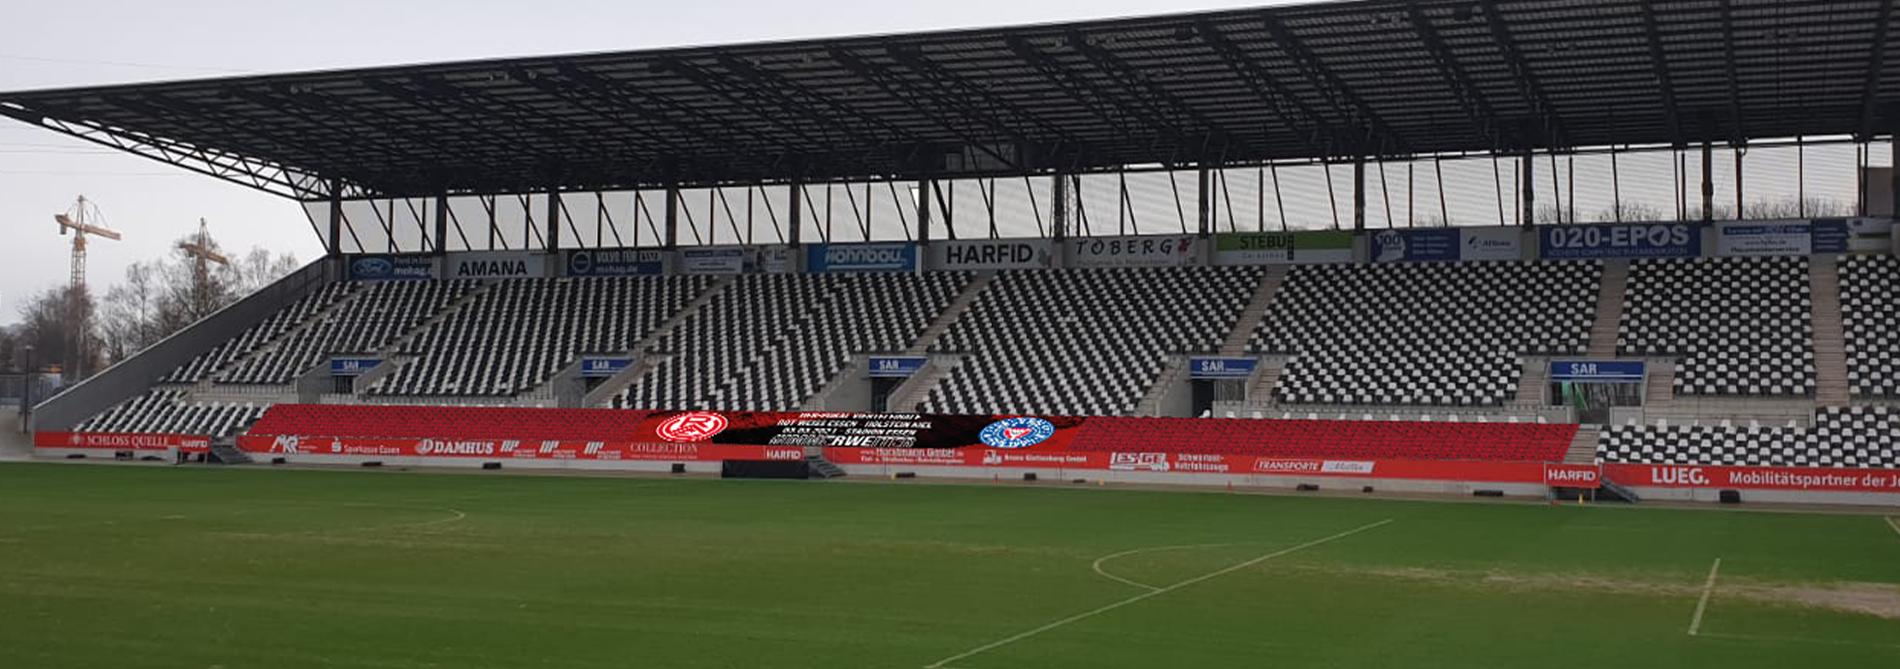 Seid dabei: Mit eurem Bild auf dem Mega-Banner der Rahn-Tribüne zum DFB-Pokal Viertelfinale gegen Holstein Kiel. (Foto: RWE)